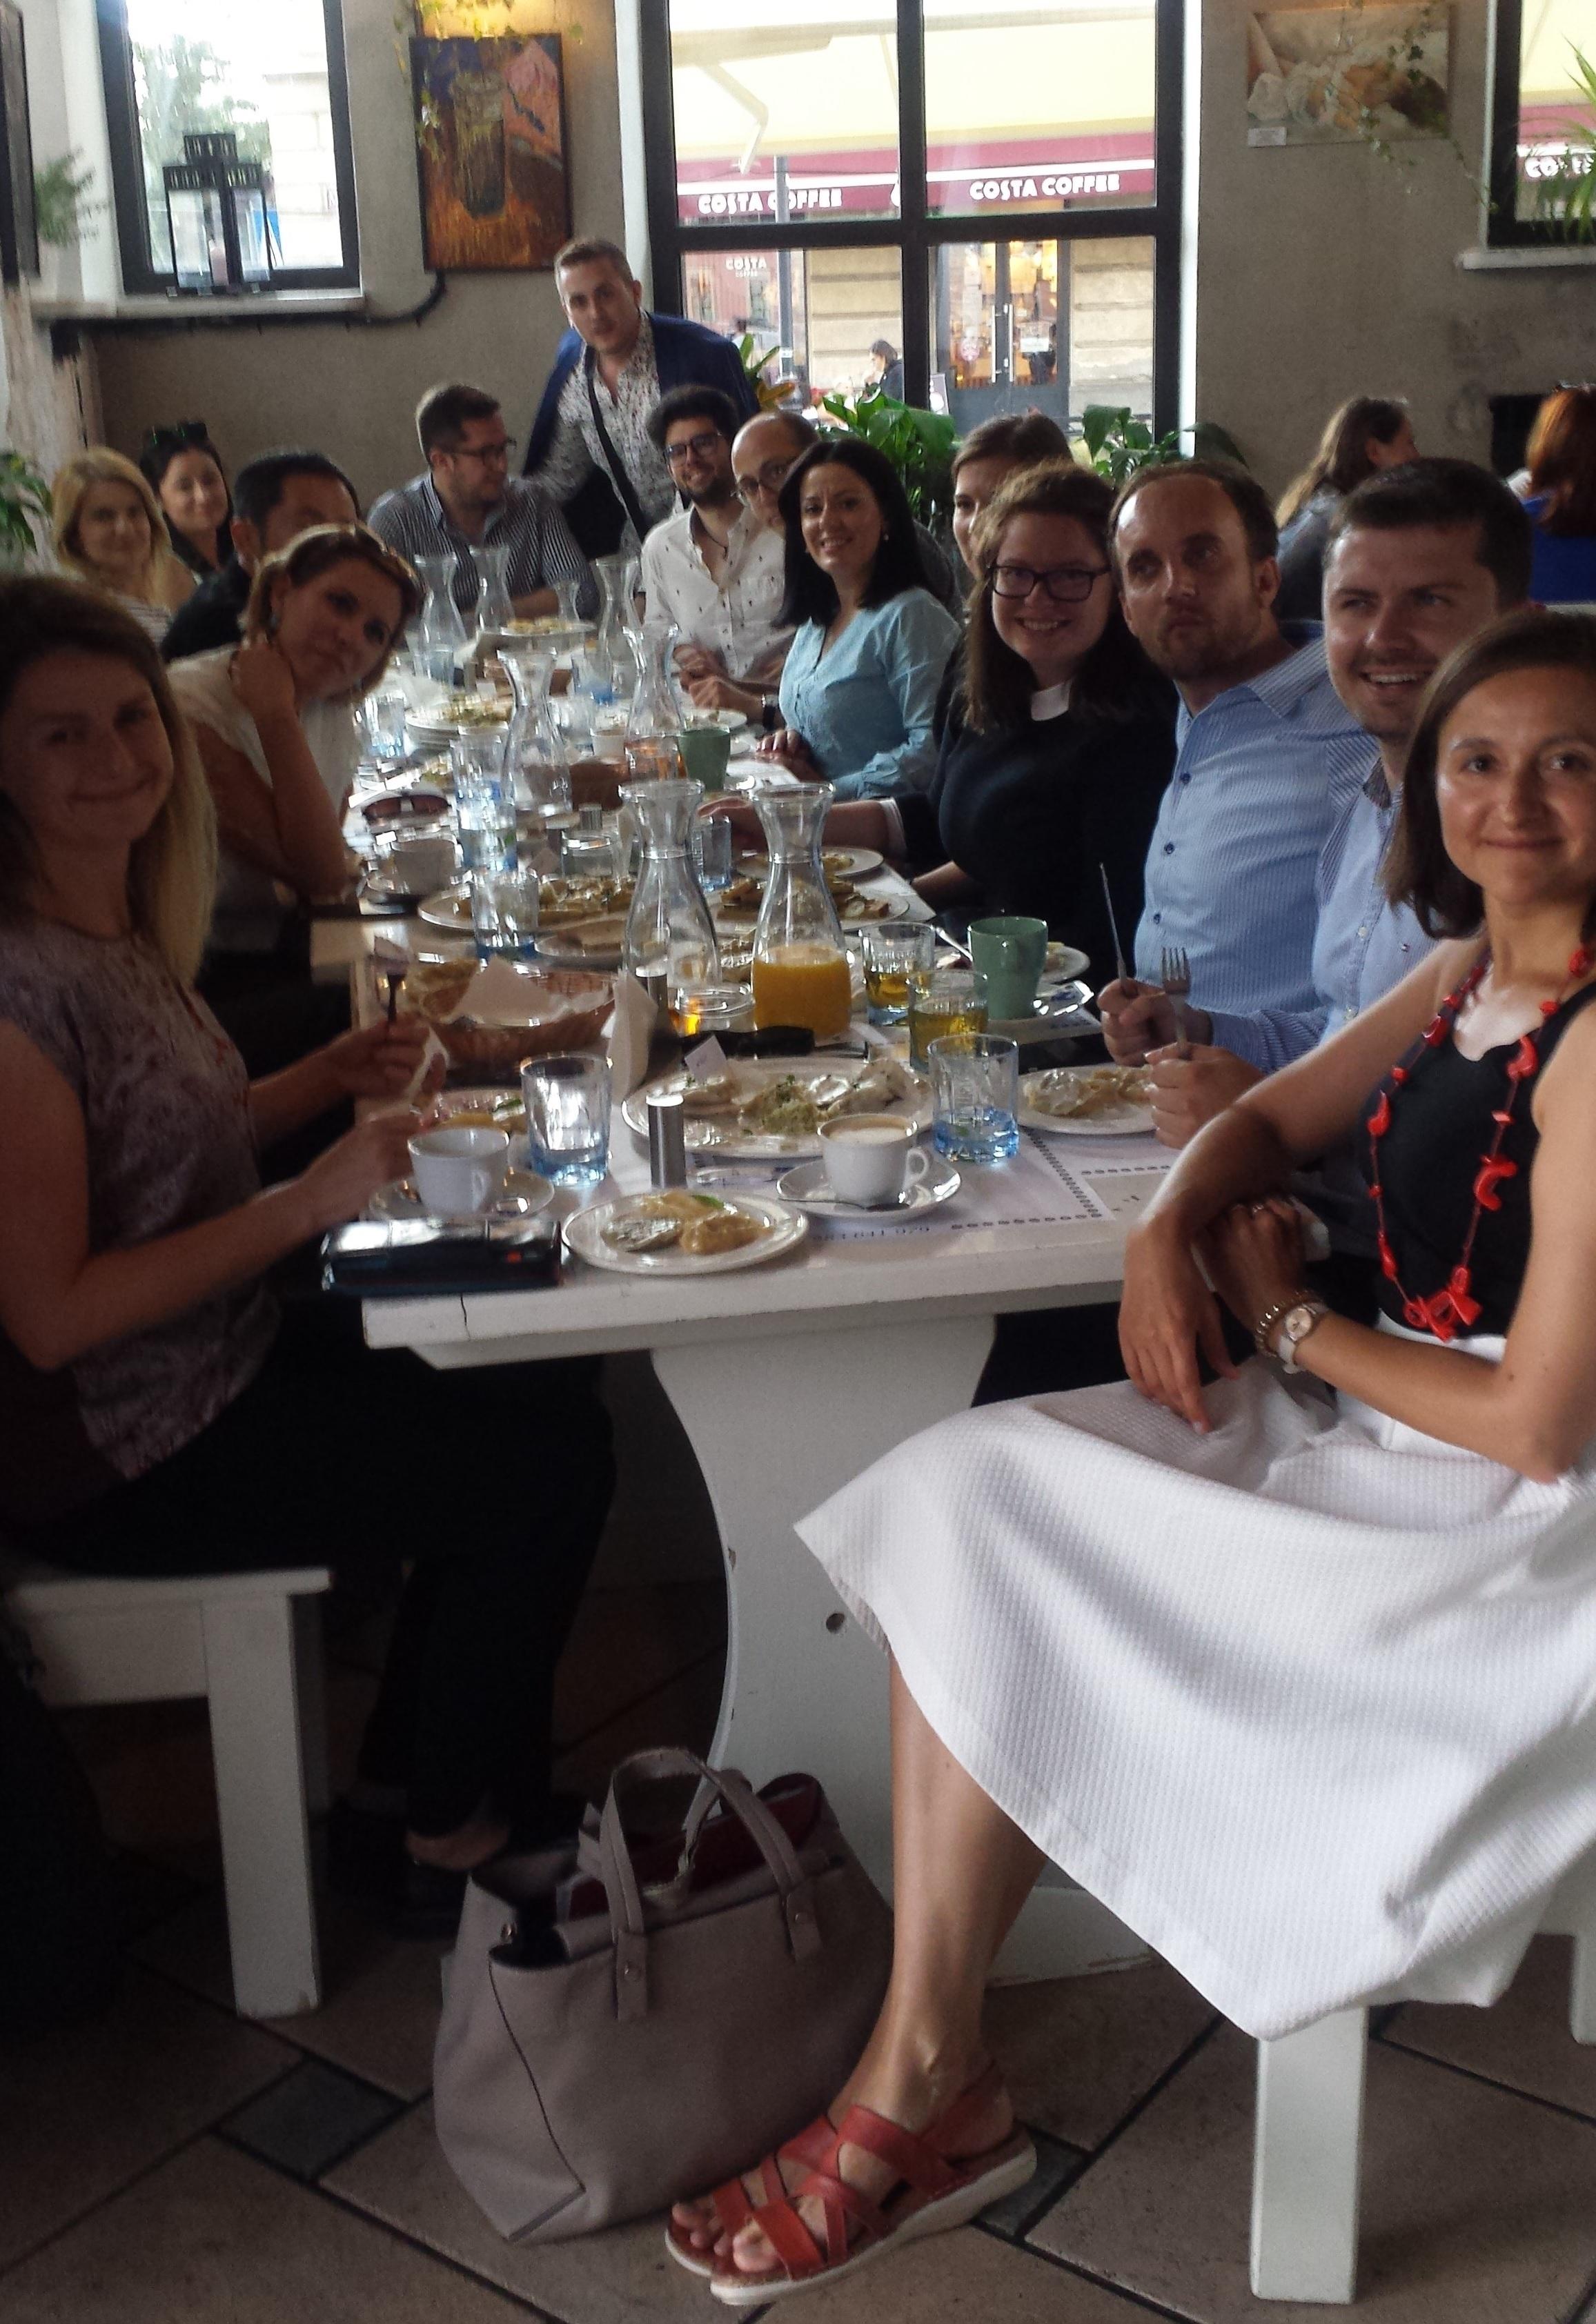 """Step in Warsaw - Stadtführerin in Warschau. Meine internationalen Gäste machten eine Studienreise durch Polen auf Einladung des Ministeriums für Unternehmertum und Technologie. Sie nahmen auch am Berliner Prozess teil, der dieses Jahr in Poznań (Posen) stattfand. Der letzte Tag und wir sind alle sehr glücklich, dass wir Teigtaschen (polnische PIEROGI - unser """"nationales Erbe"""") in einem netten Restaurant (Pyza Warszawska) bei der Warschauer Altstadt genießen können:). Warschau, 13.07.2019."""